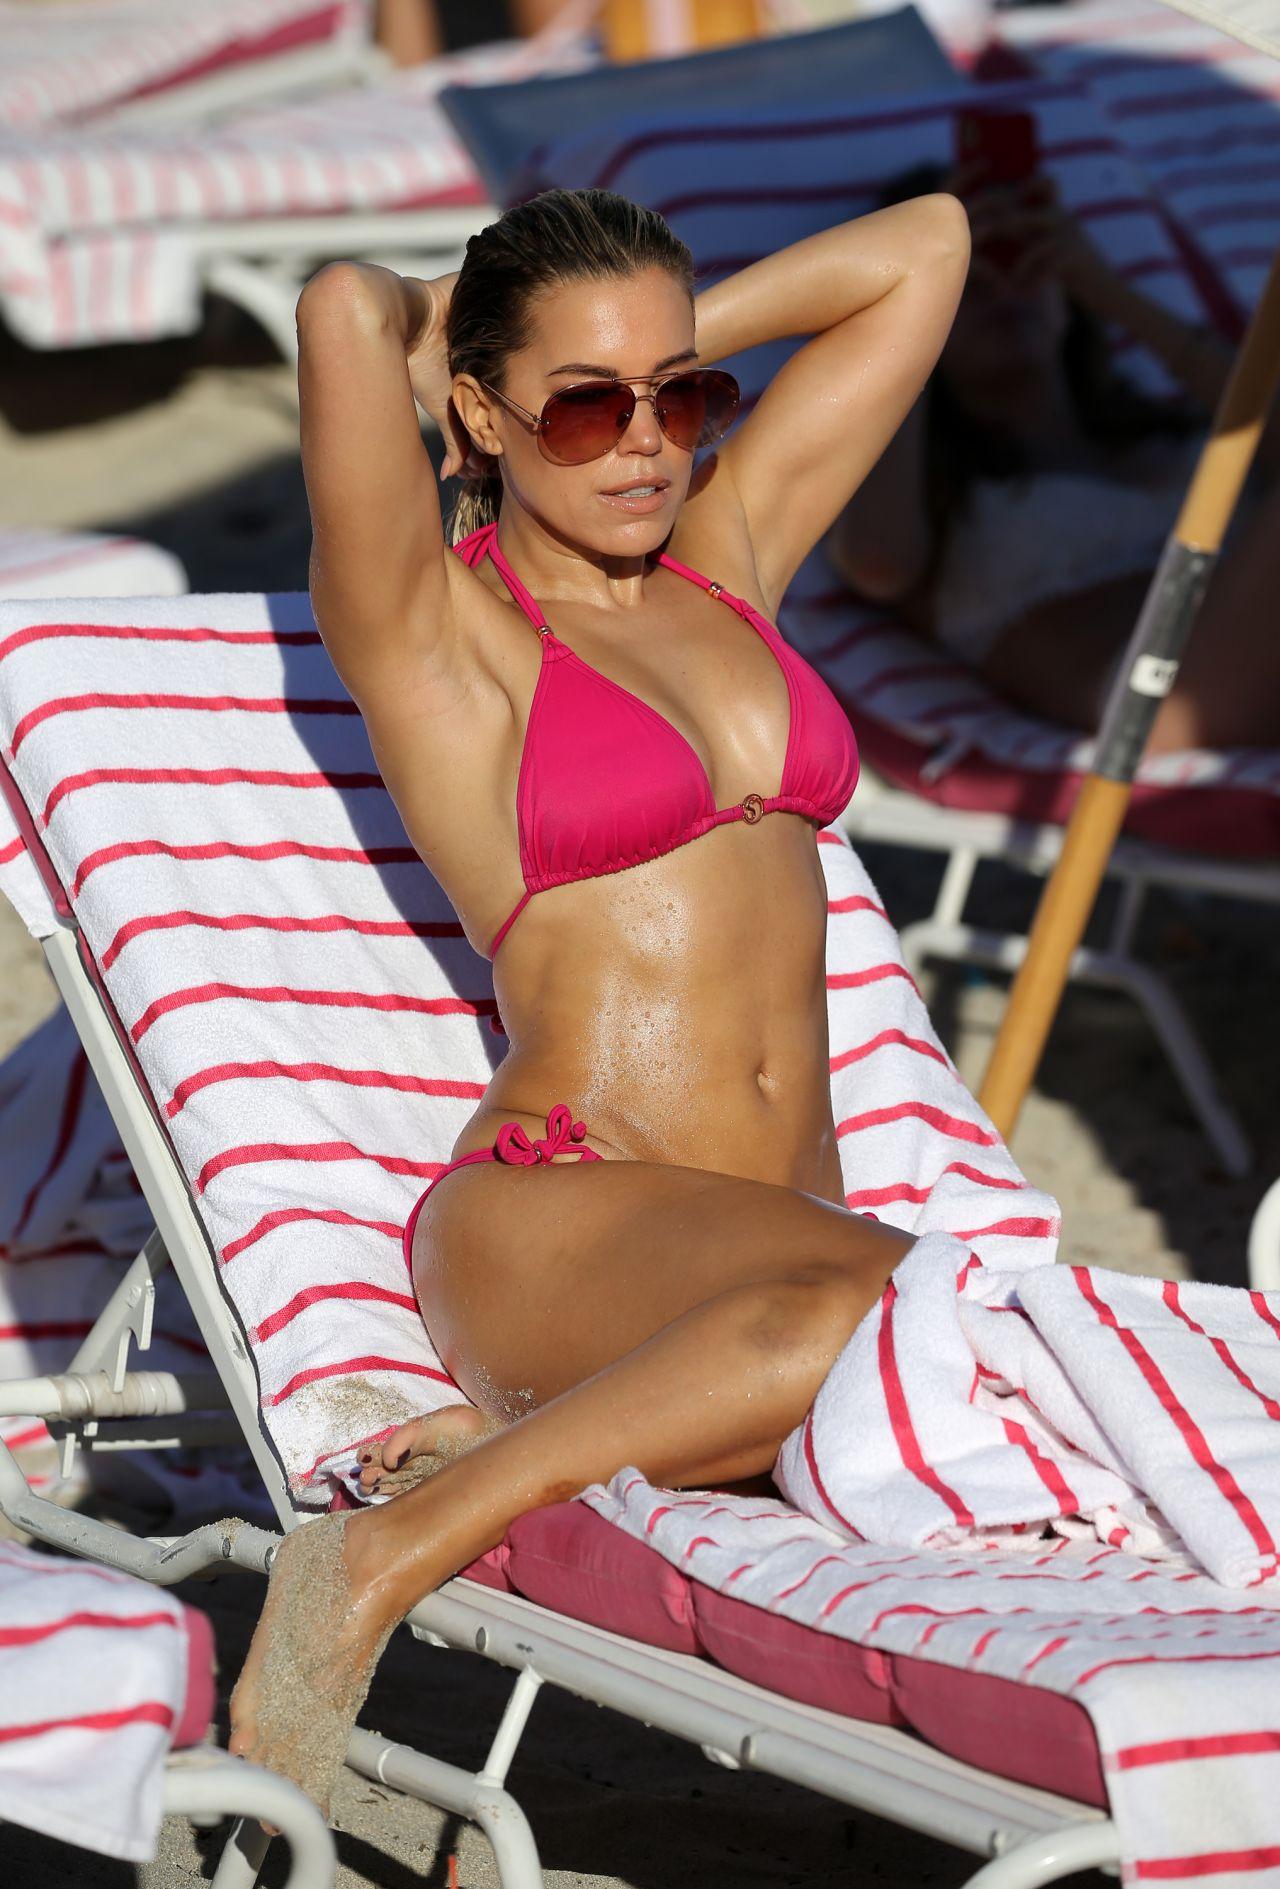 Francesca Brambilla Livia Canalis nude (45 photo) Sideboobs, Facebook, panties